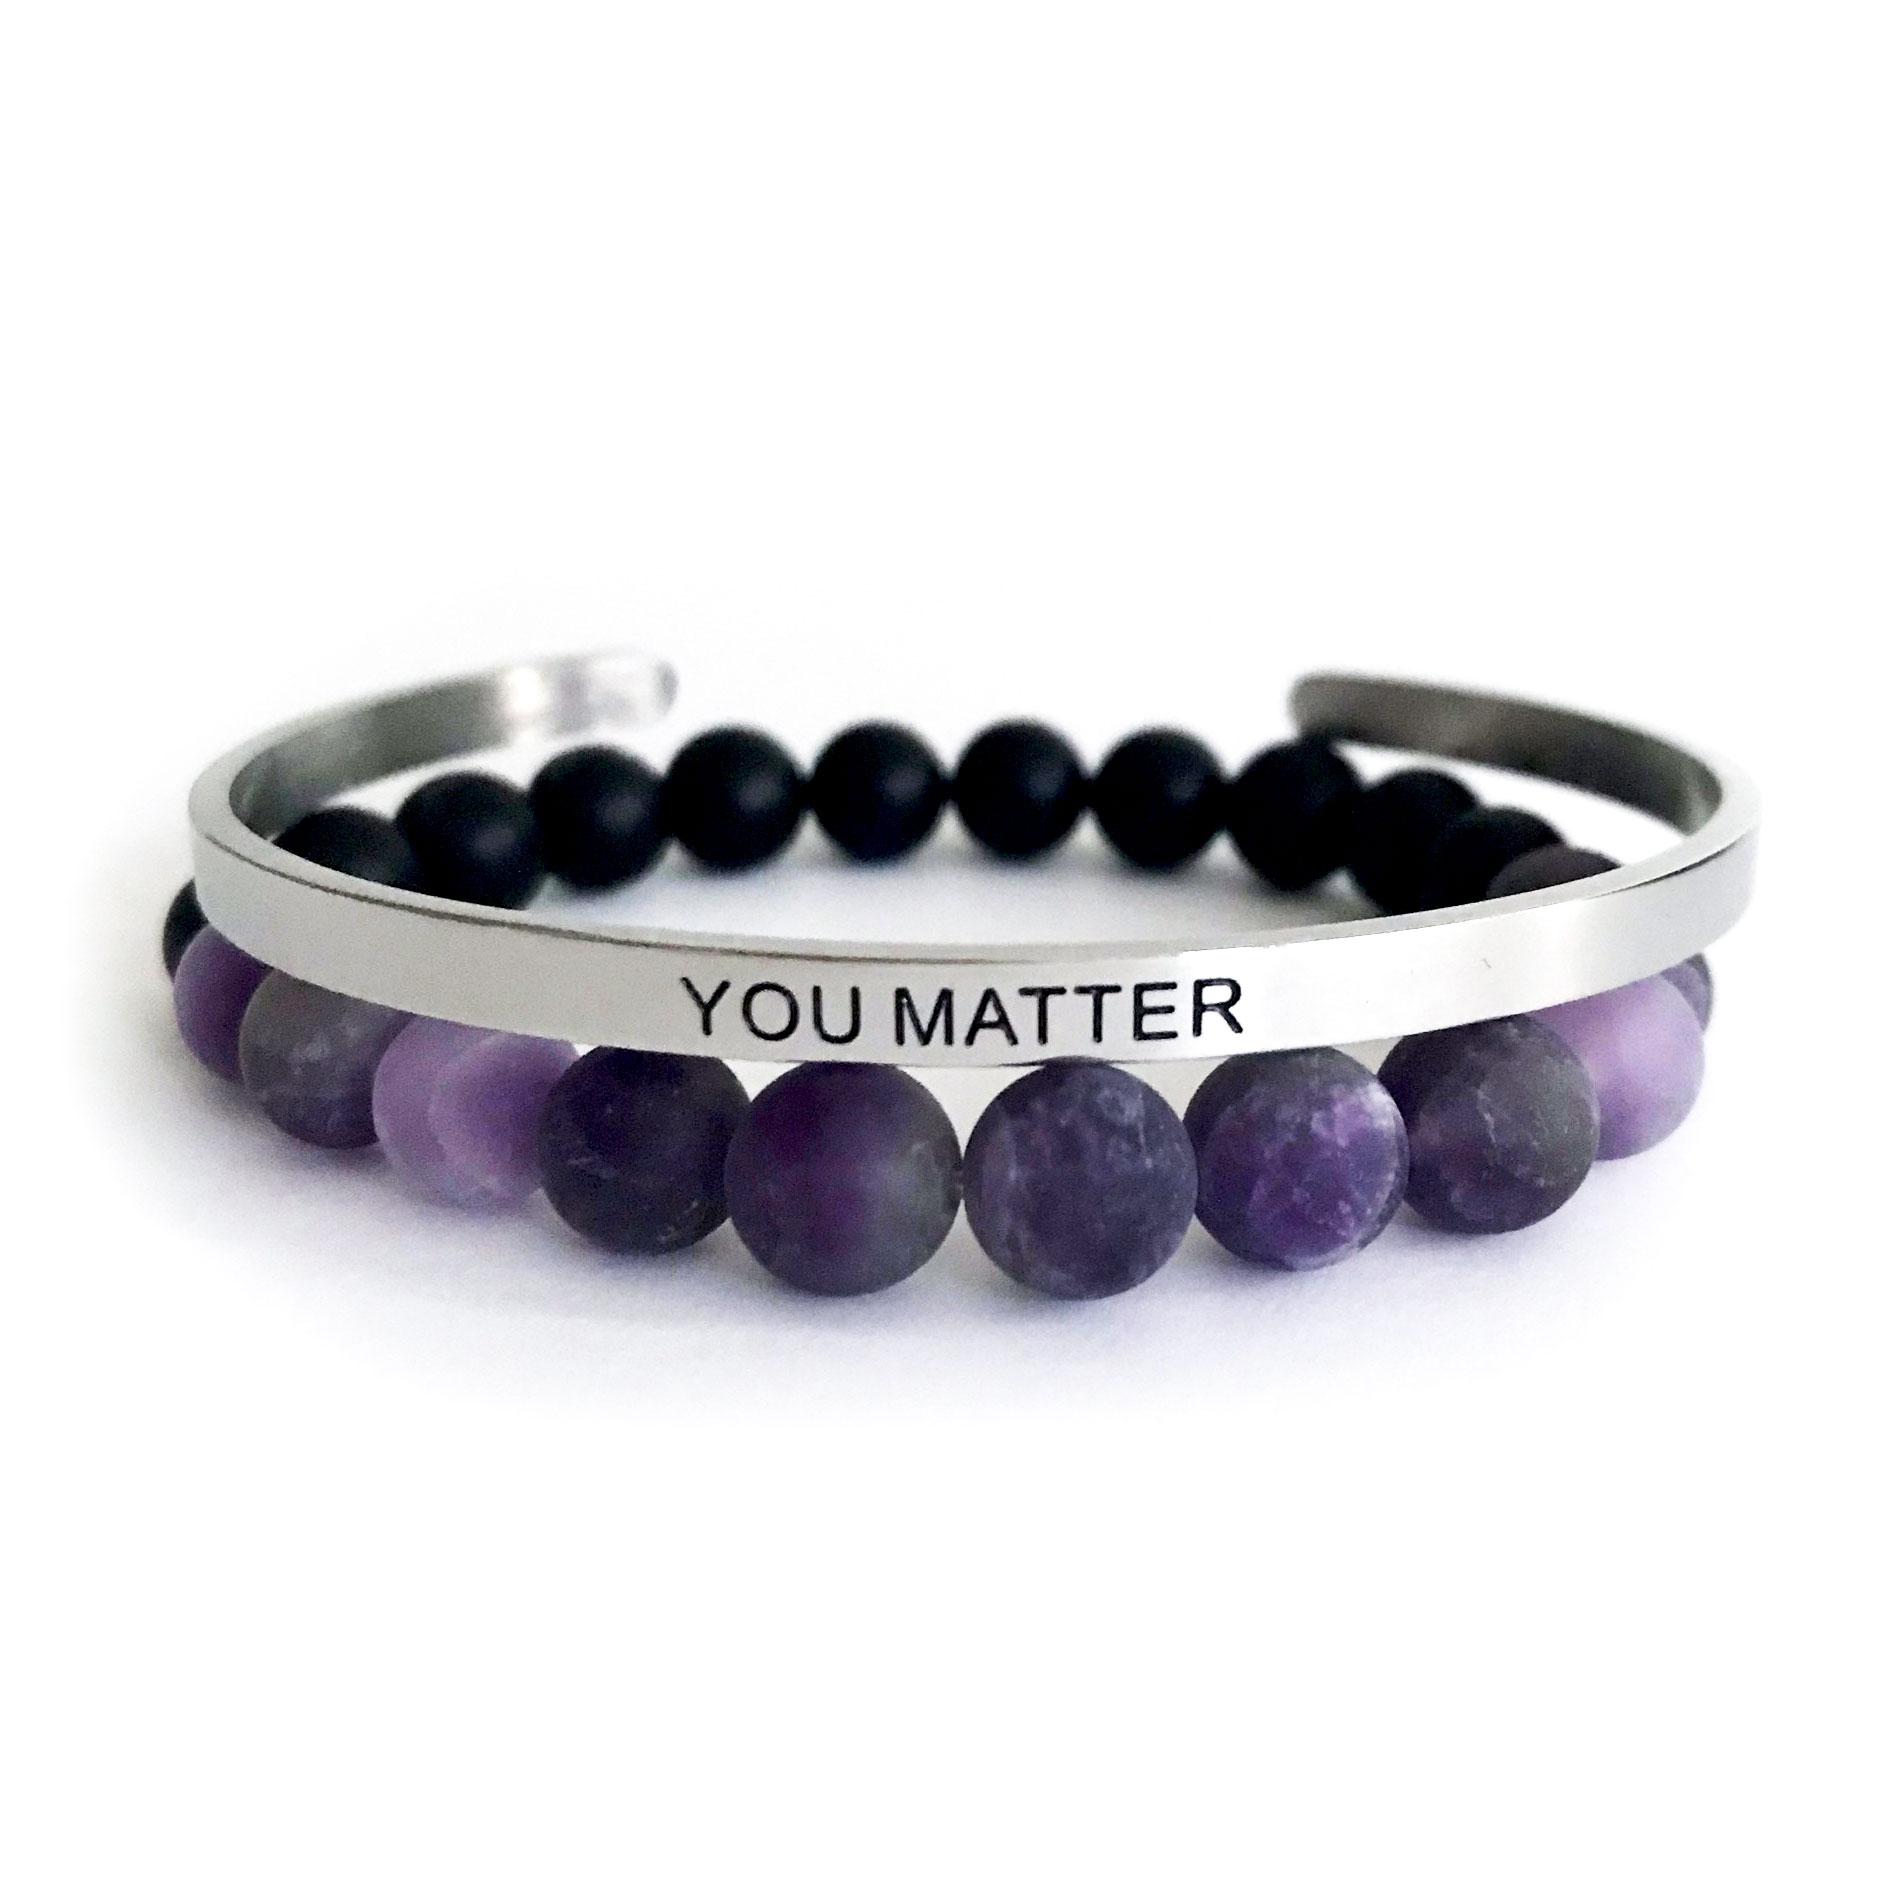 8mm Matte Amethyst & Onyx Bracelet